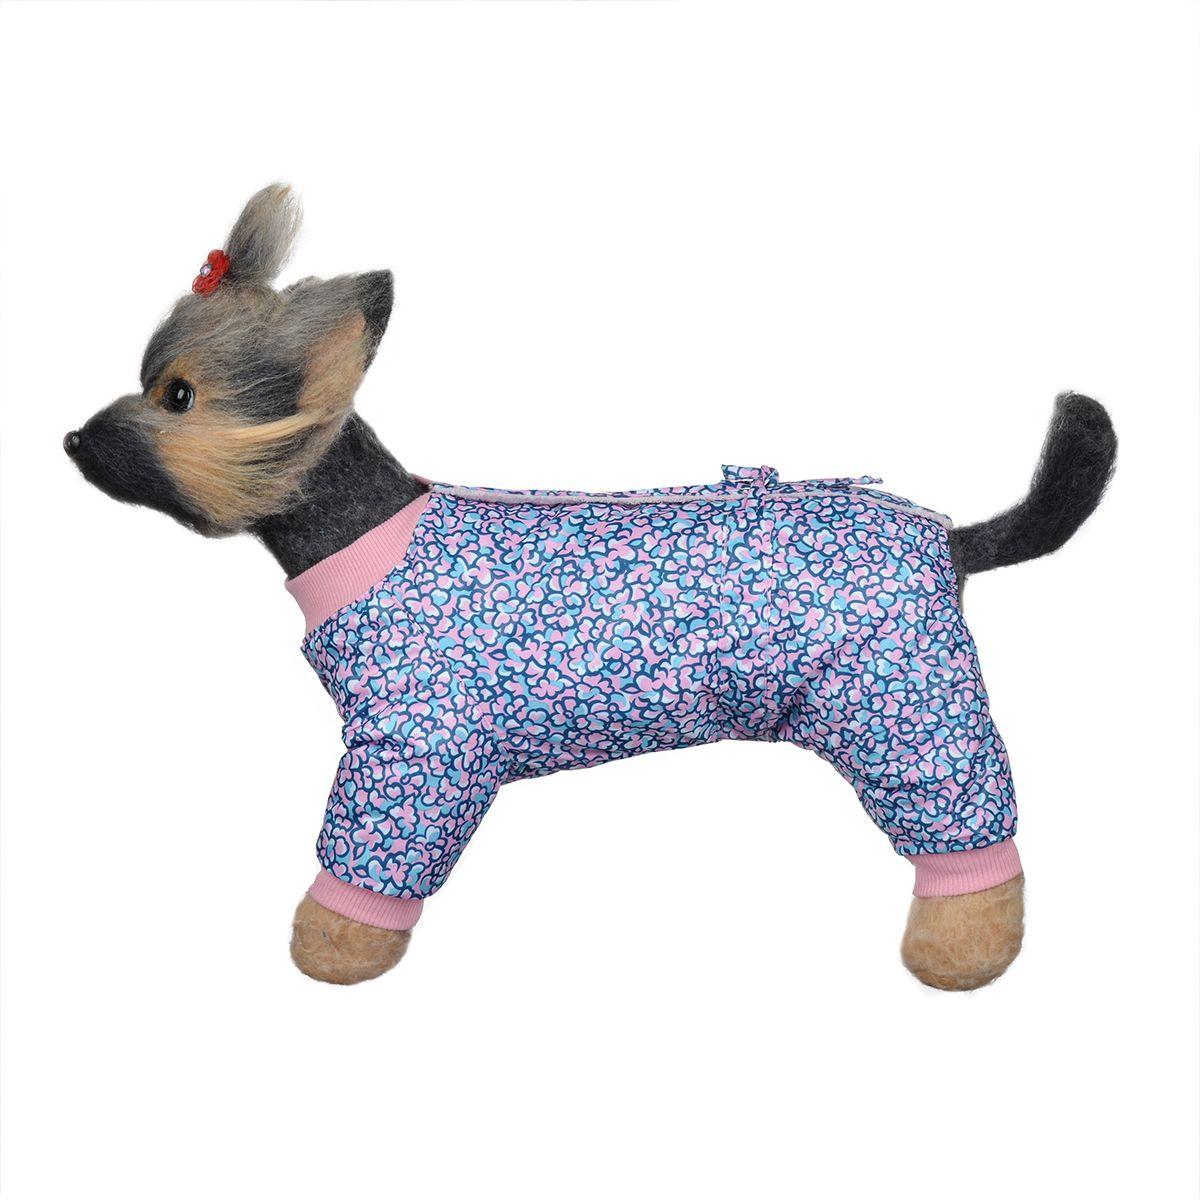 Комбинезон для собак Dogmoda Лаки, зимний, для девочки, цвет: розовый, синий. Размер 2 (M)0120710Комбинезон для собак Dogmoda Лаки, оформленный ярким цветочным рисунком, отлично подойдет для прогулок в зимнее время года.Комбинезон изготовлен из водоотталкивающего полиэстера, защищающего от ветра и снега, с утеплителем из синтепона, который сохранит тепло даже в сильные морозы, а в качестве подкладки используется искусственный мех, который обеспечивает отличный воздухообмен. Комбинезон застегивается на кнопки на спинке, благодаря чему его легко надевать и снимать. Ворот, низ рукавов и брючин оснащены широкими трикотажными манжетами, которые мягко обхватывают шею и лапки, не позволяя просачиваться холодному воздуху. На пояснице комбинезон затягивается на шнурок-кулиску. Изделие имеет максимально закрытый животик. Благодаря такому комбинезону простуда не грозит вашему питомцу, и он сможет испытать не сравнимое удовольствие от снежных игр и забав.